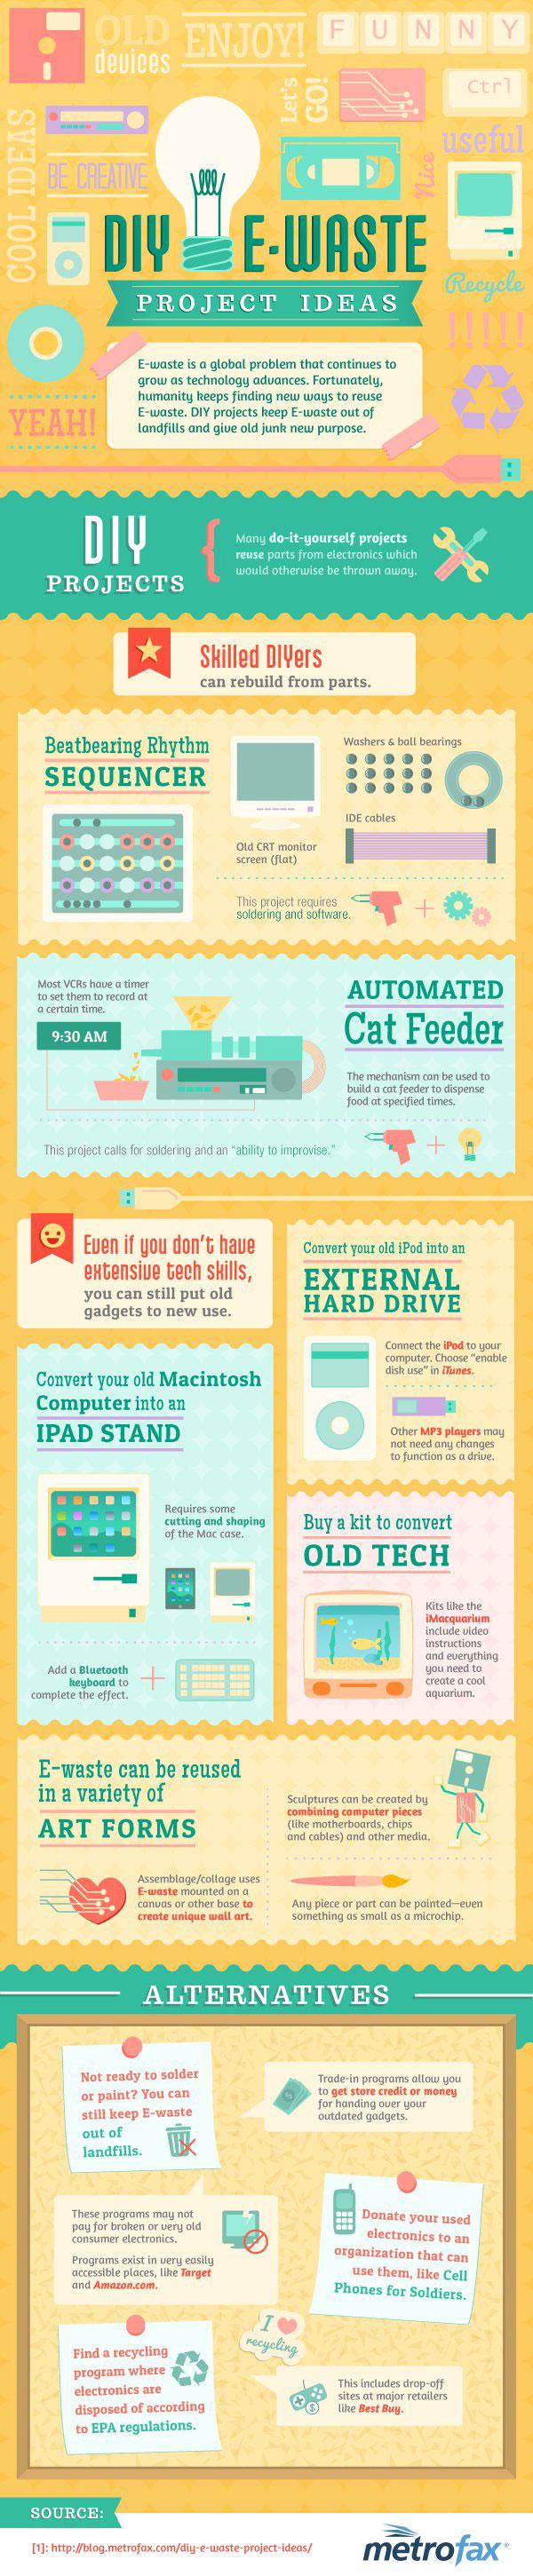 DIY e-waste